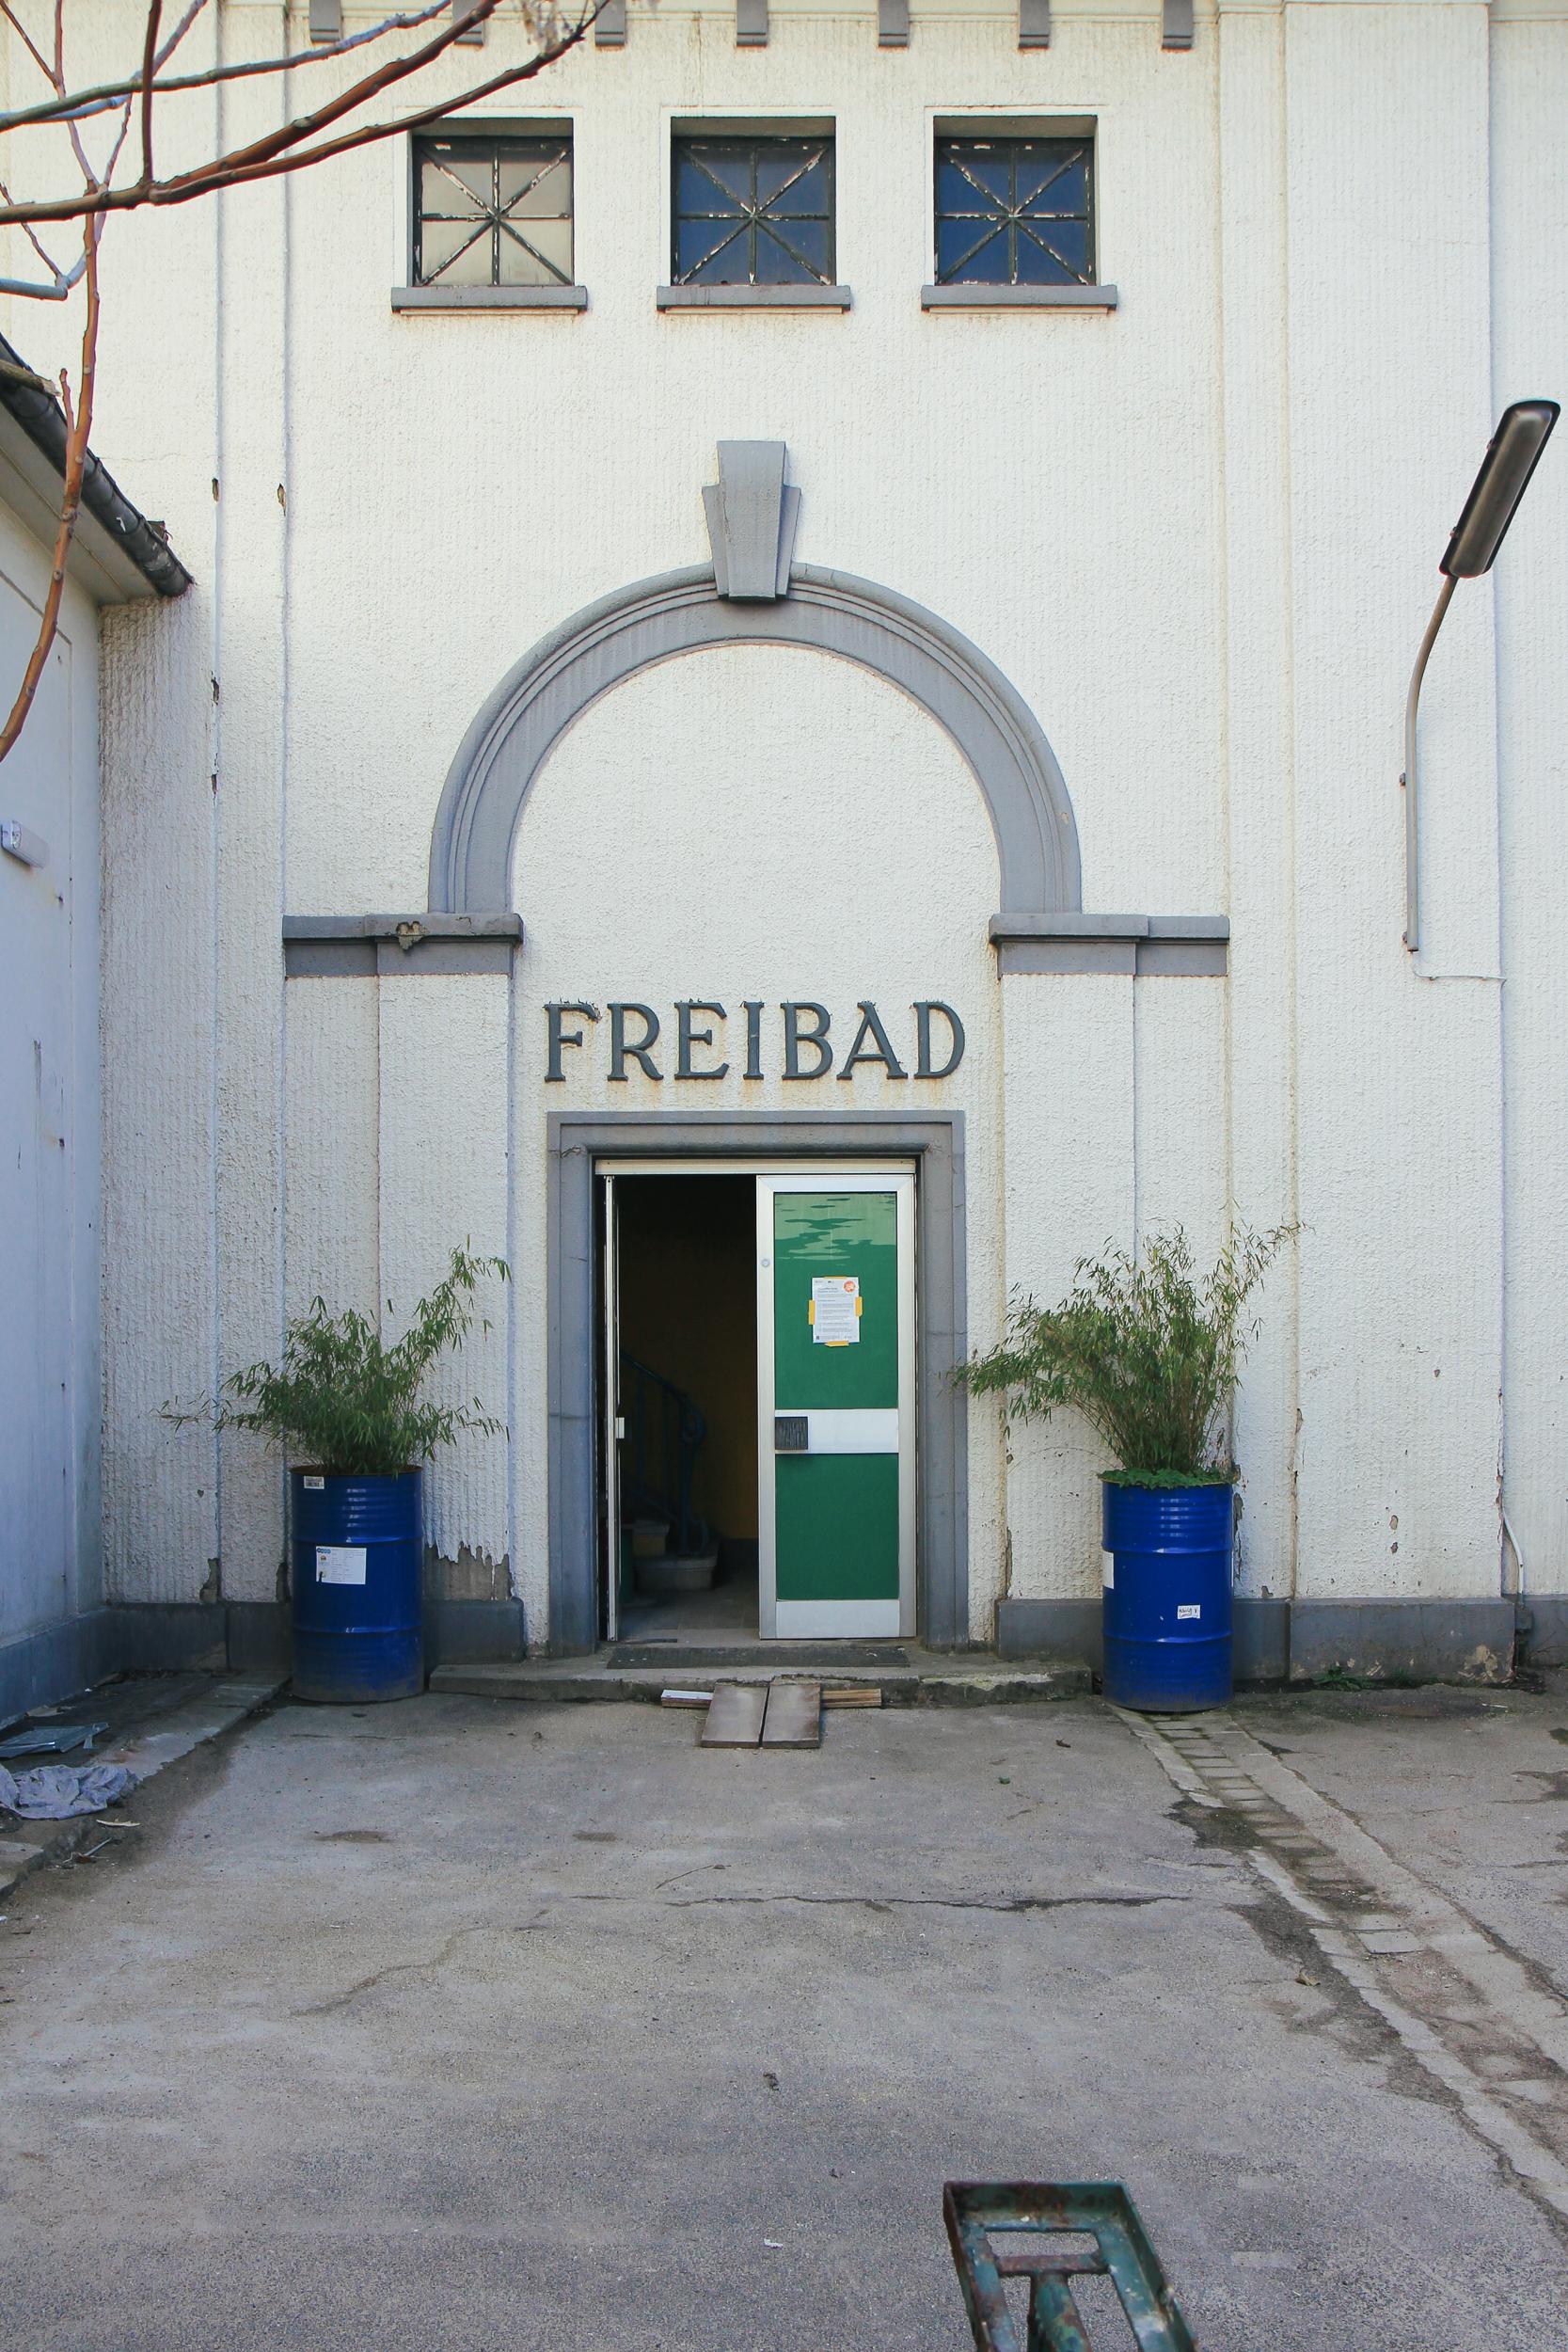 """Außenansicht der Fassade des Stadtbad Krefeld. Man sieht den Eingang, über dem """"Freibad"""" steht. Neben der Tür stehen Fäßer mit Grünpflanzen."""